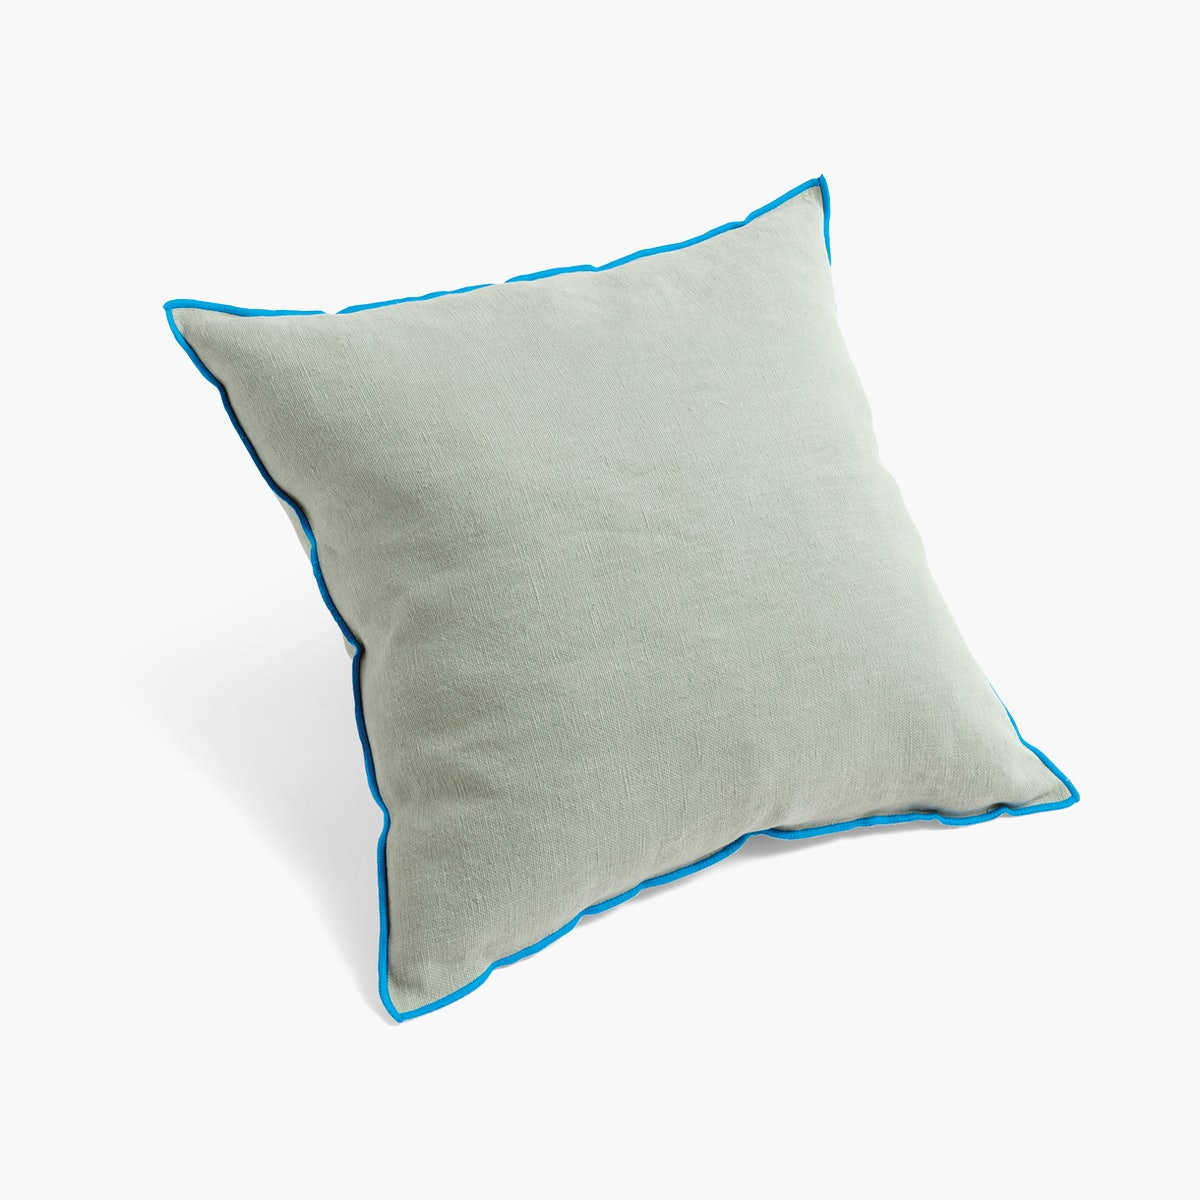 Outline Cushion